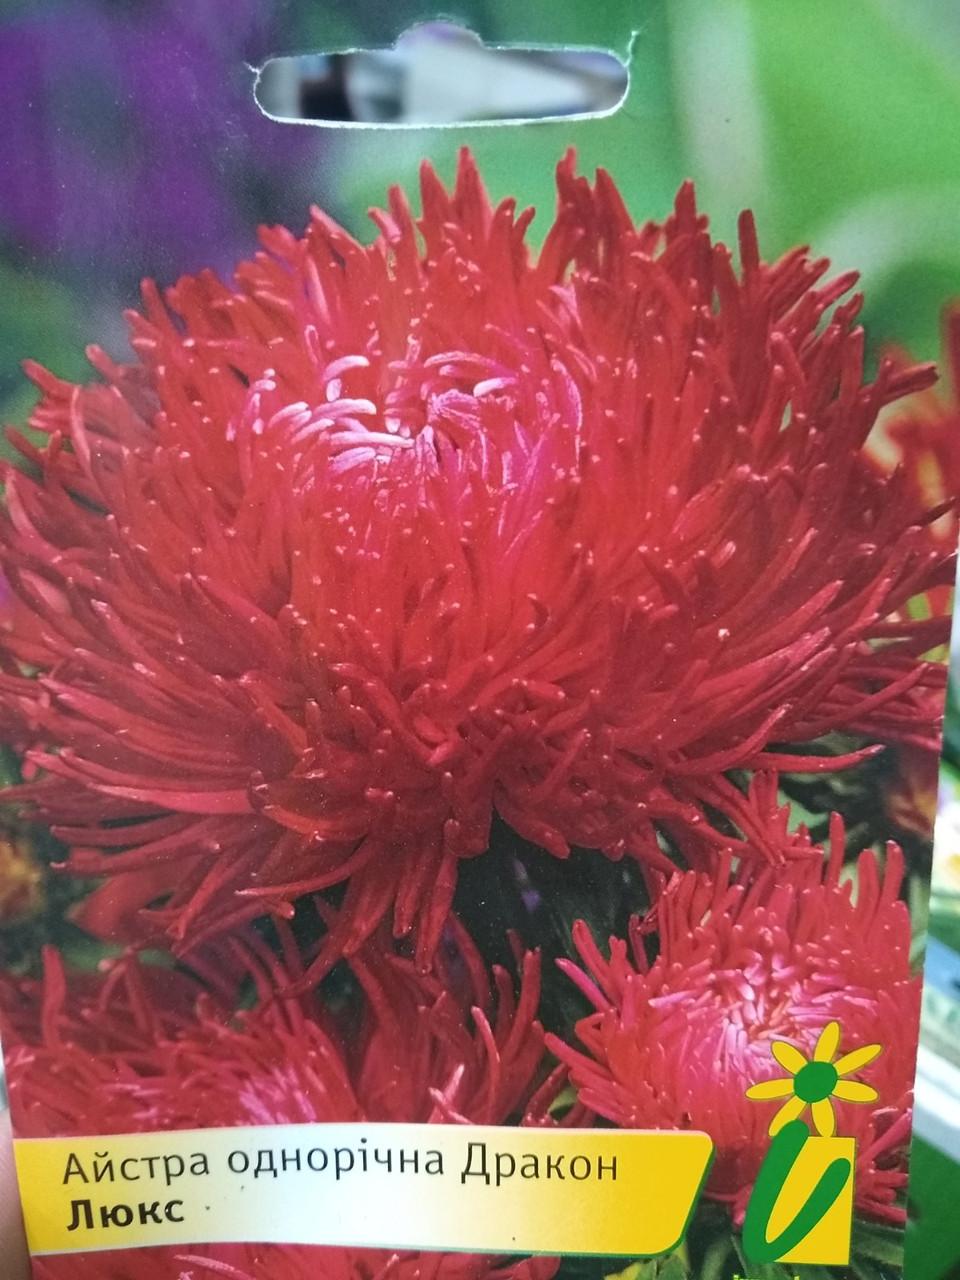 Астра китайская сортотип игольчатая Дракон люкс красная семена 10 грамм